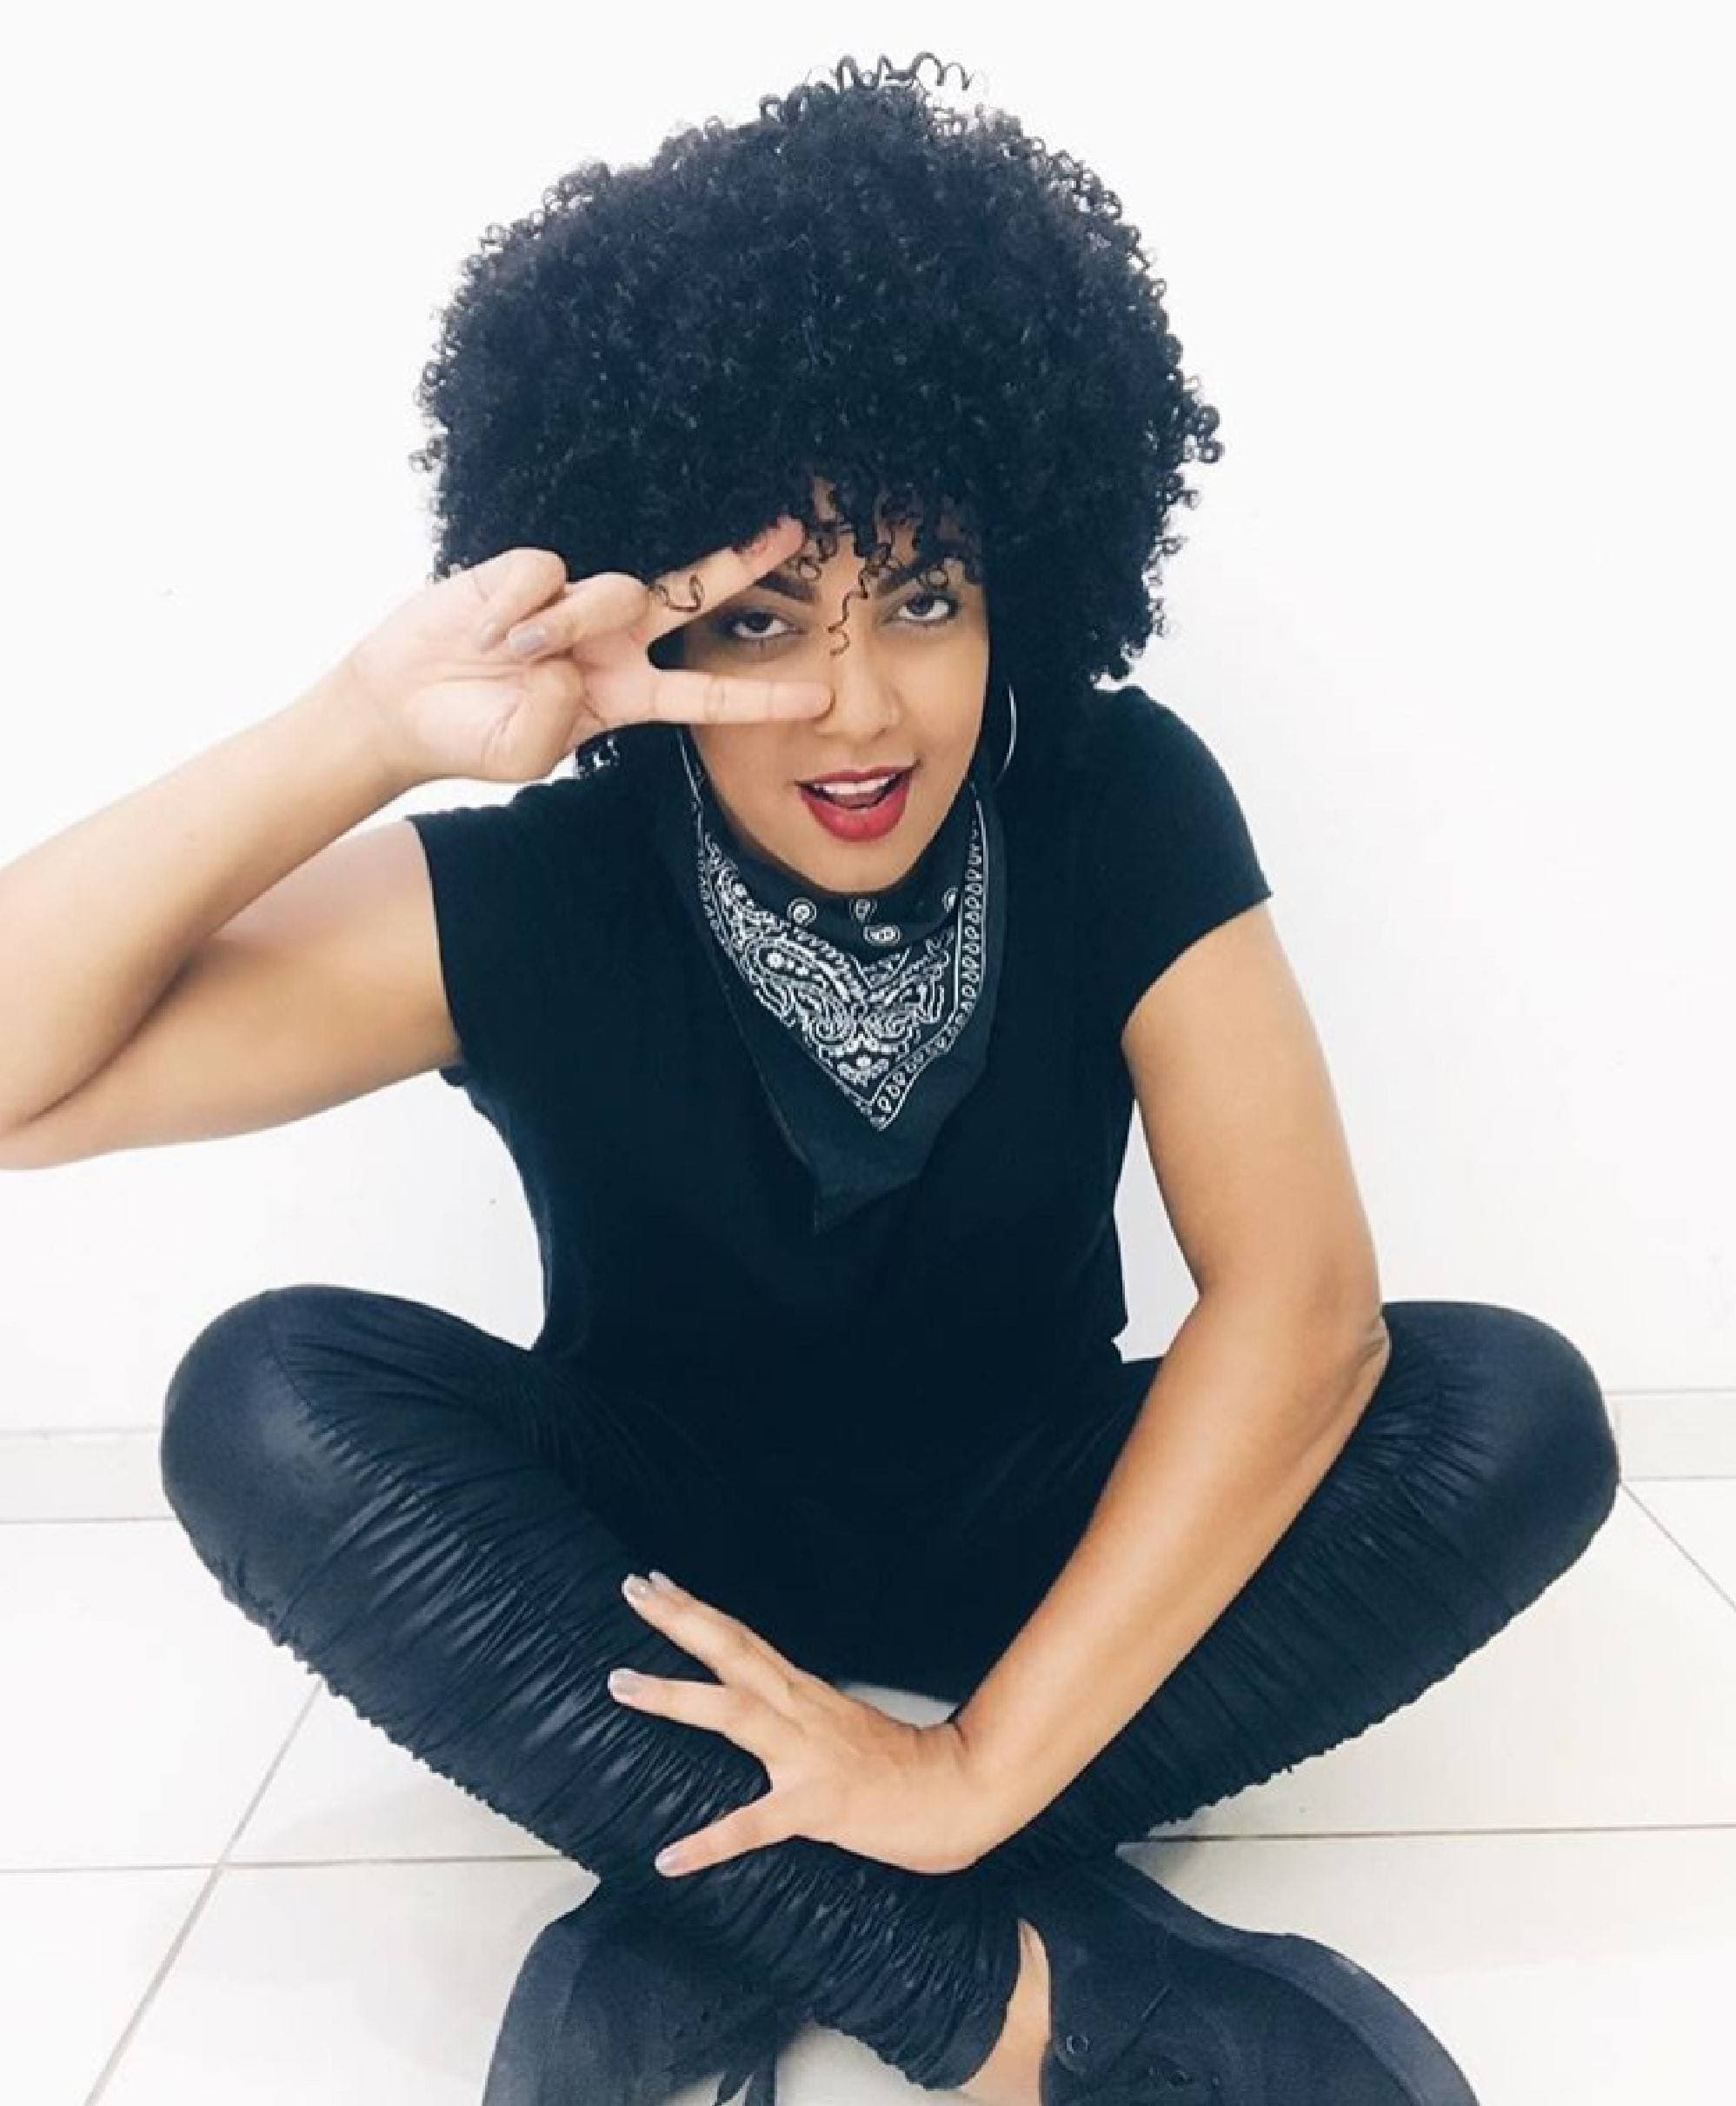 Modelo com cabelo black power preto definido com blusa preta, calça de couro preta e bandana preta no pescoço